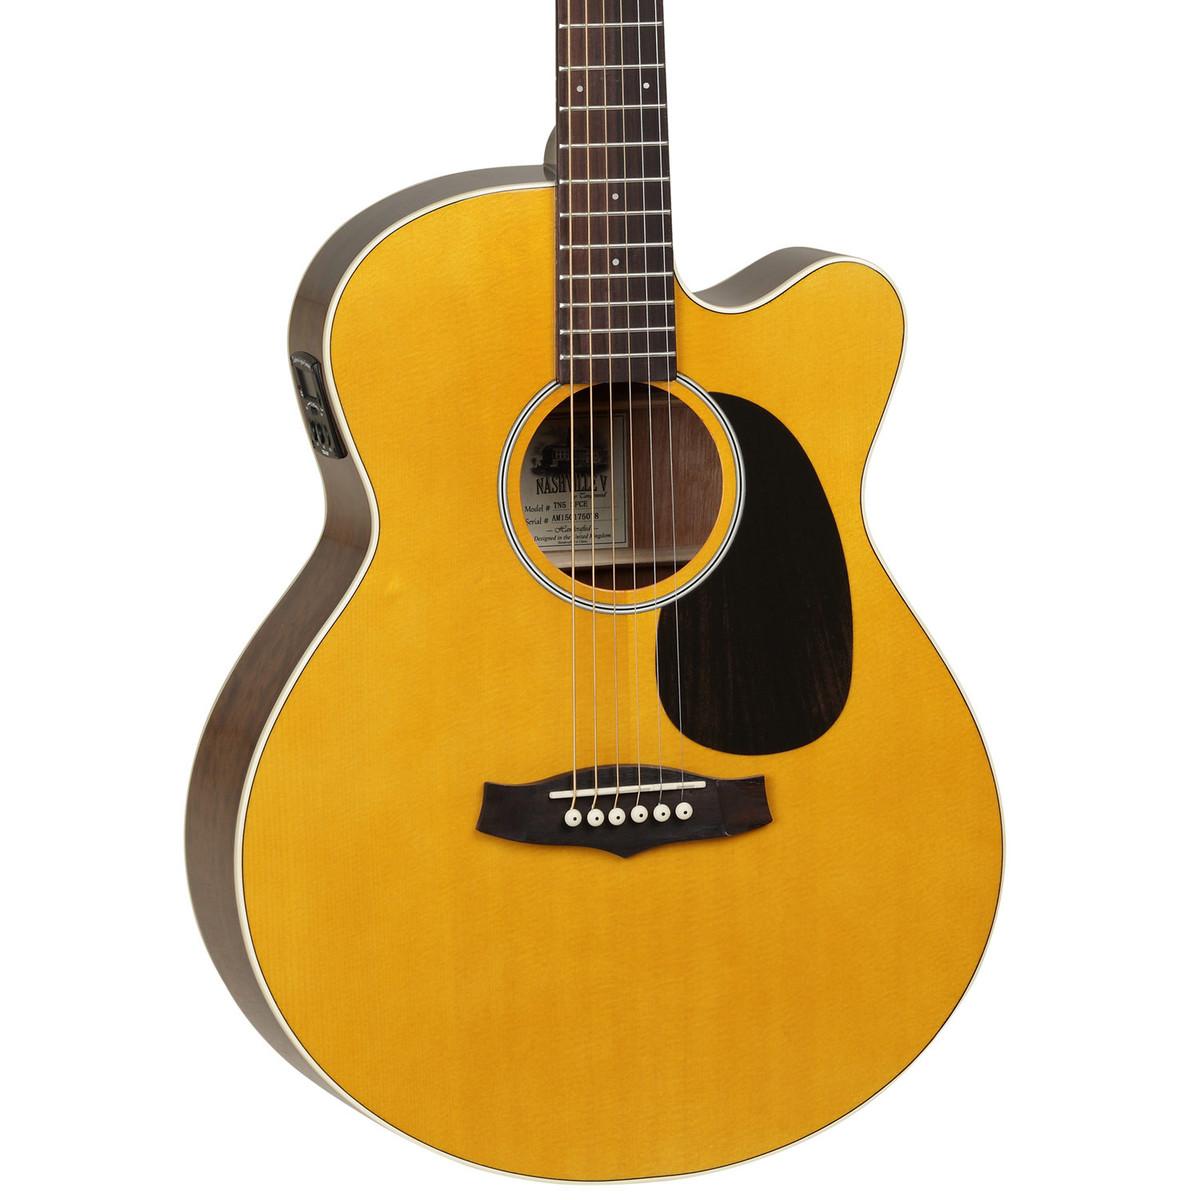 tanglewood tn5 sfce nashville v electro acoustic guitar natural at. Black Bedroom Furniture Sets. Home Design Ideas